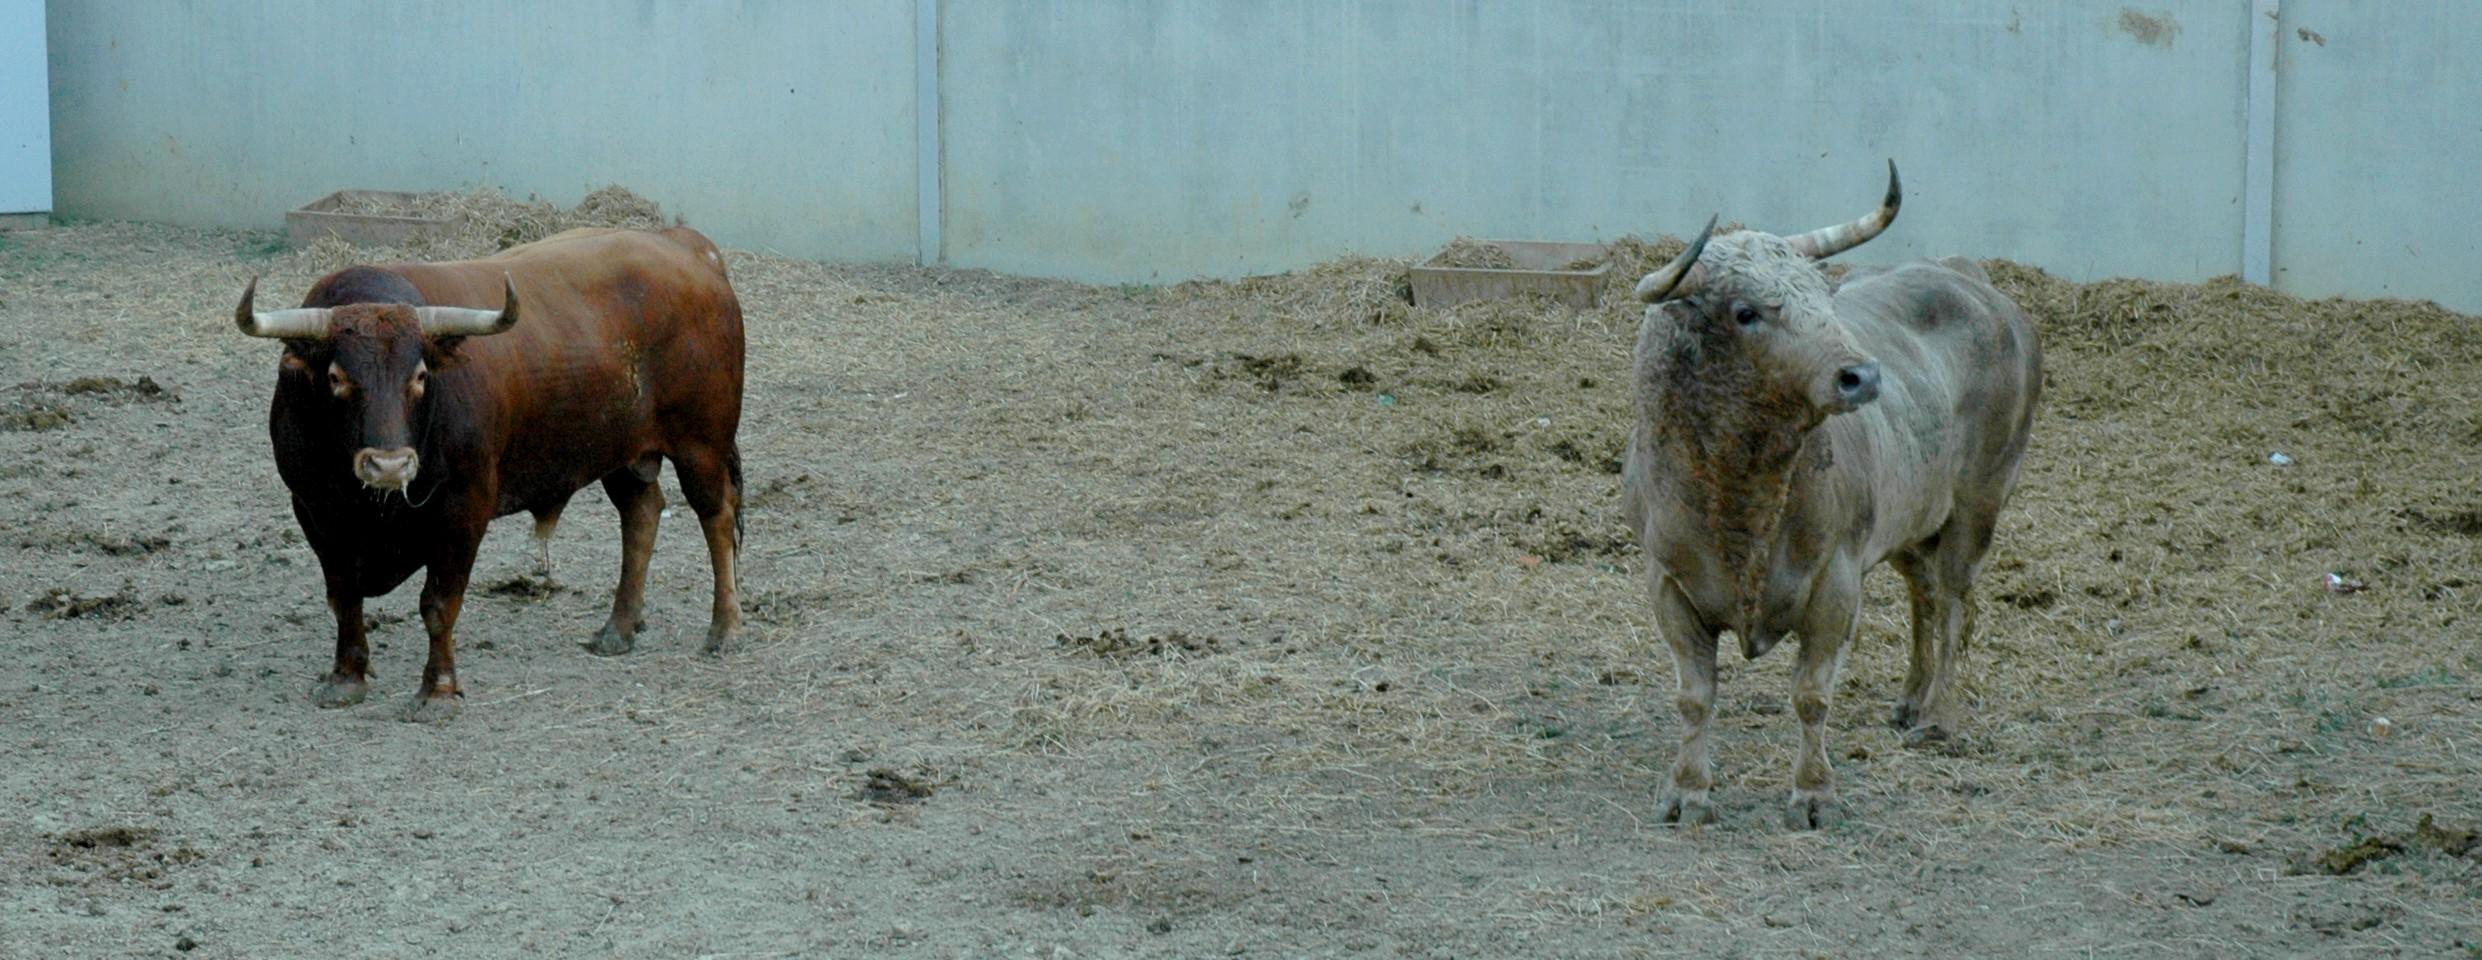 Dos toros de Jandilla en los corrales del gas. A la izauierda uno castaños y ojo perdiz, a la derecha uno jabonero.